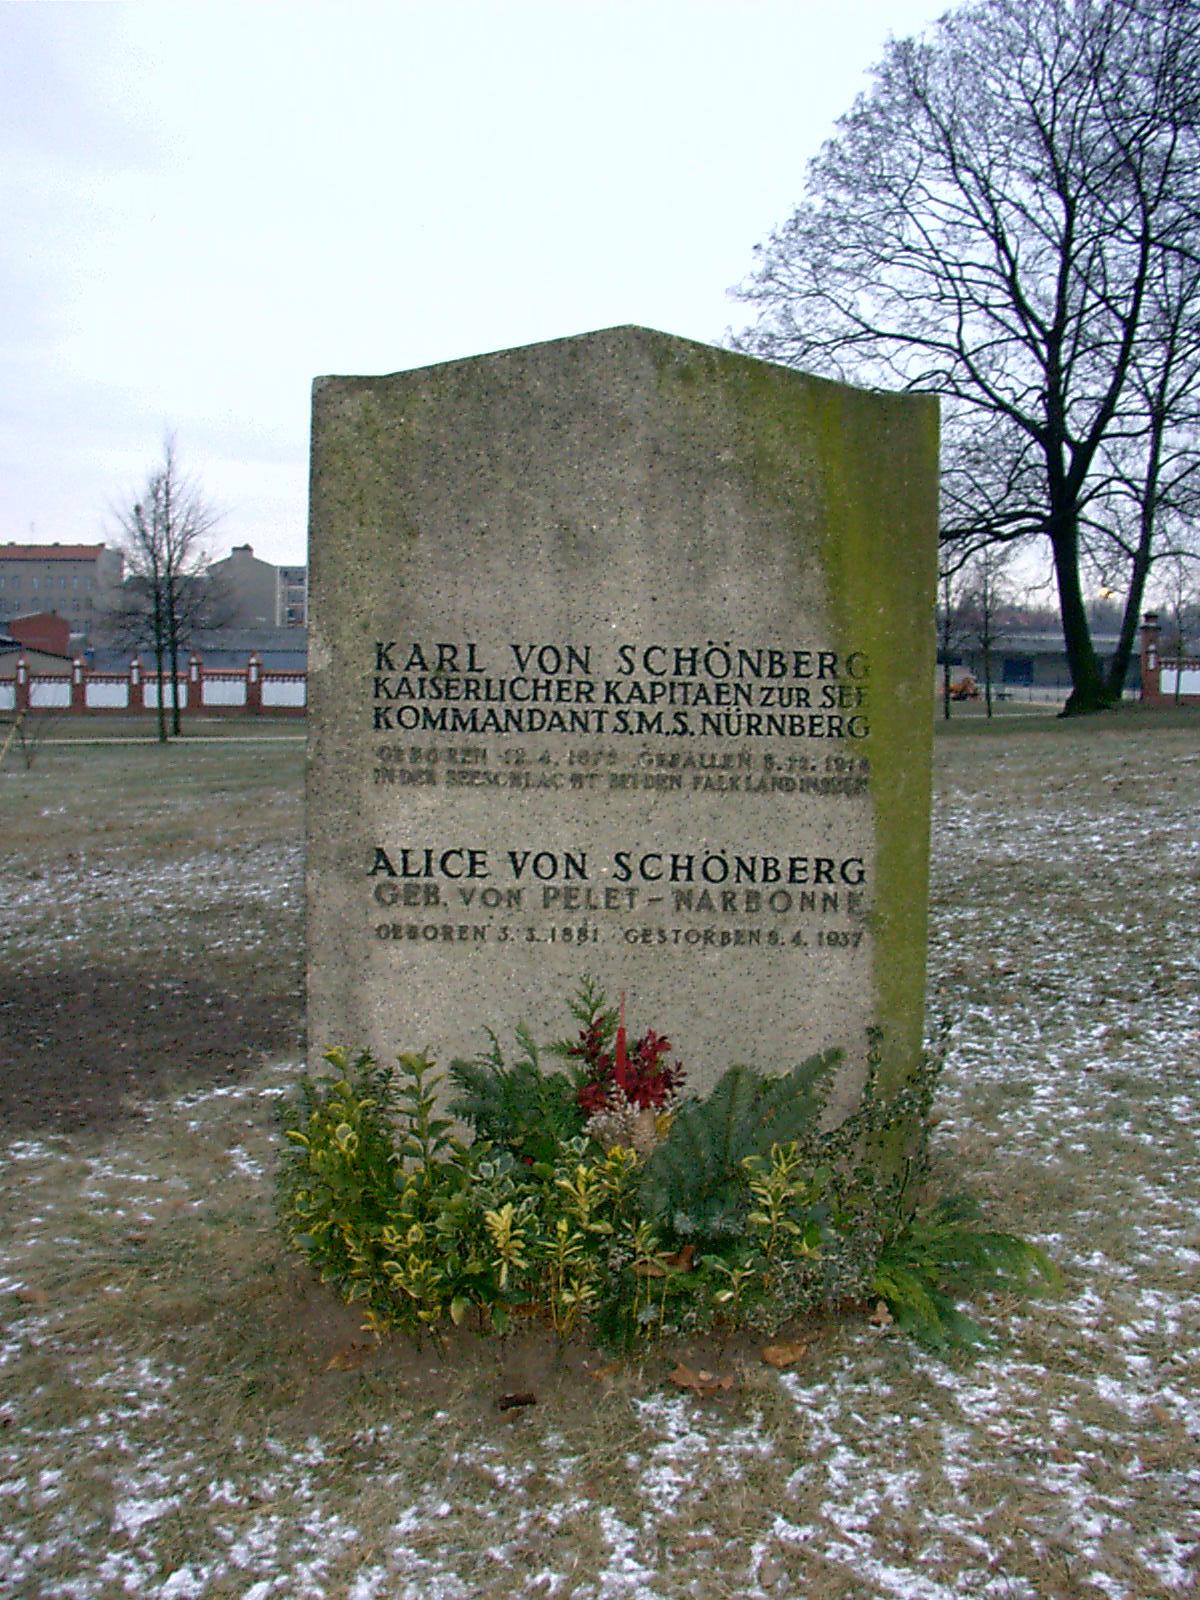 Karl_von_Schoenberg_grave_Berlin.jpg